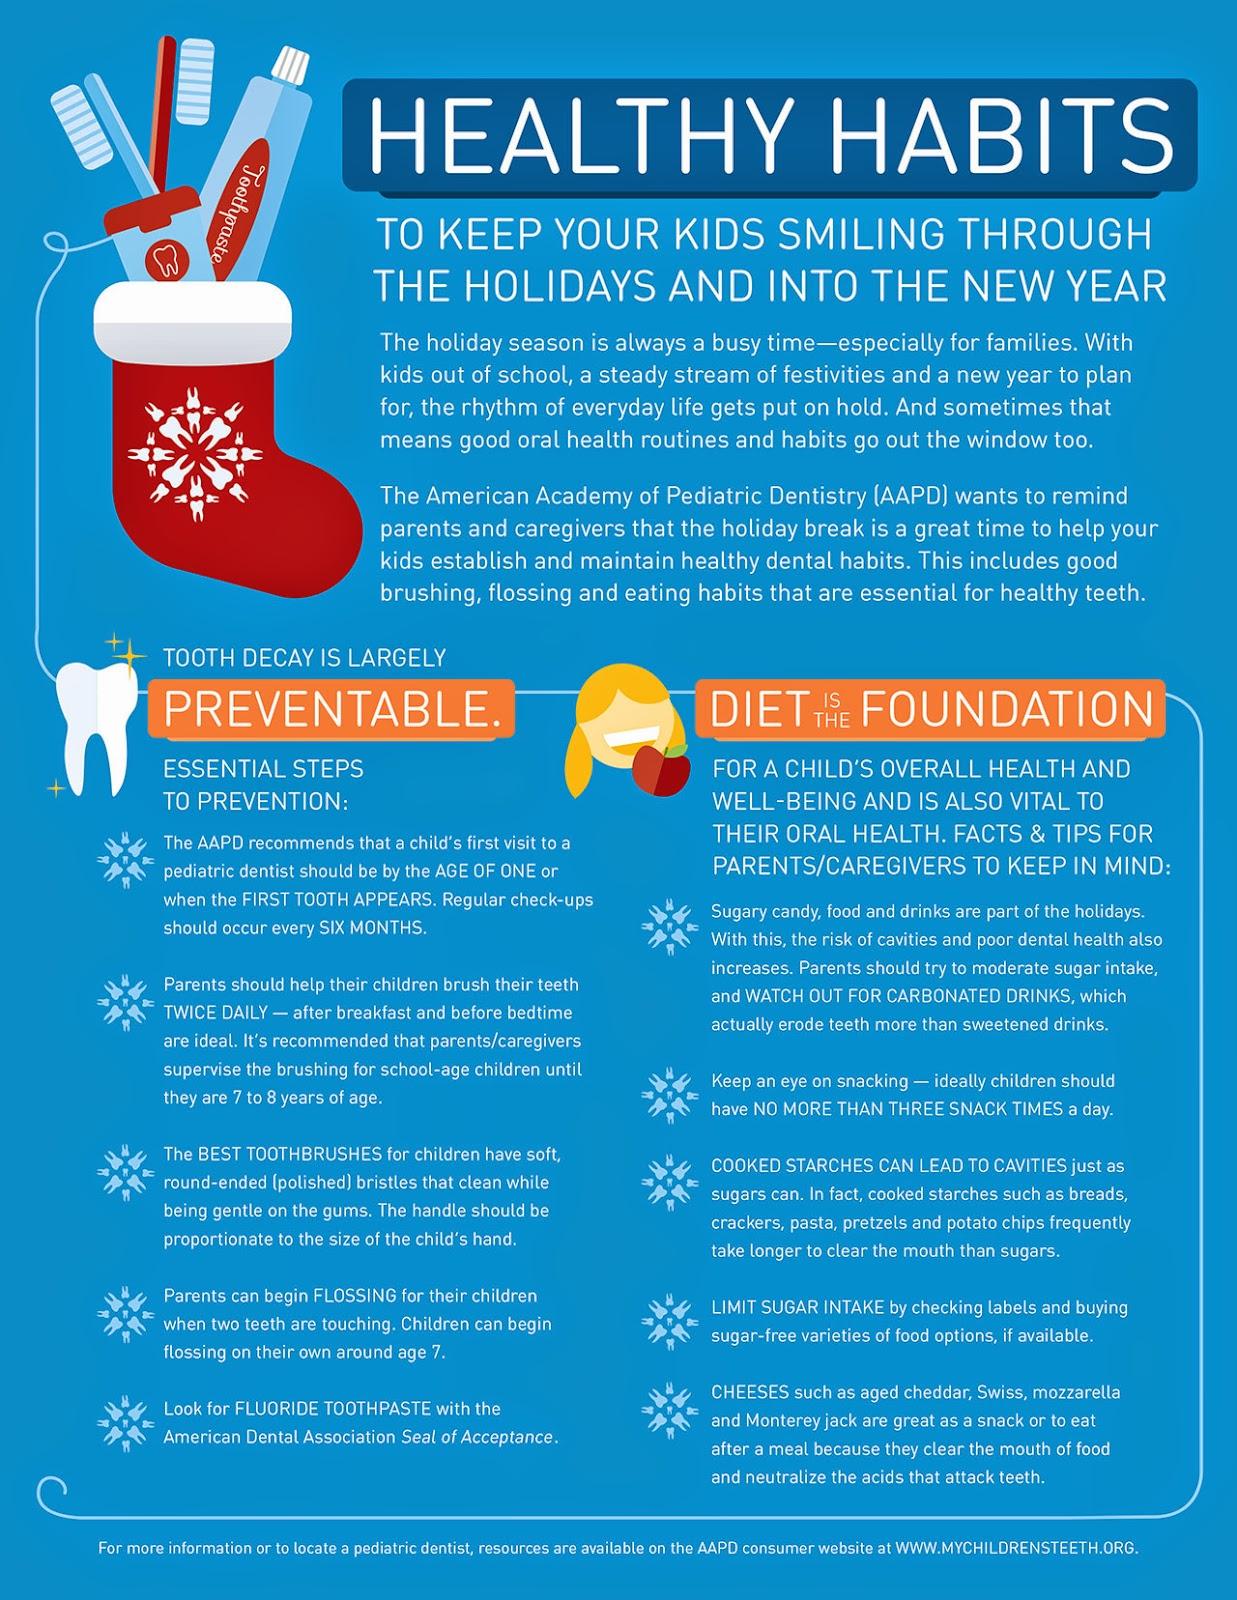 healthy habits at the holidays